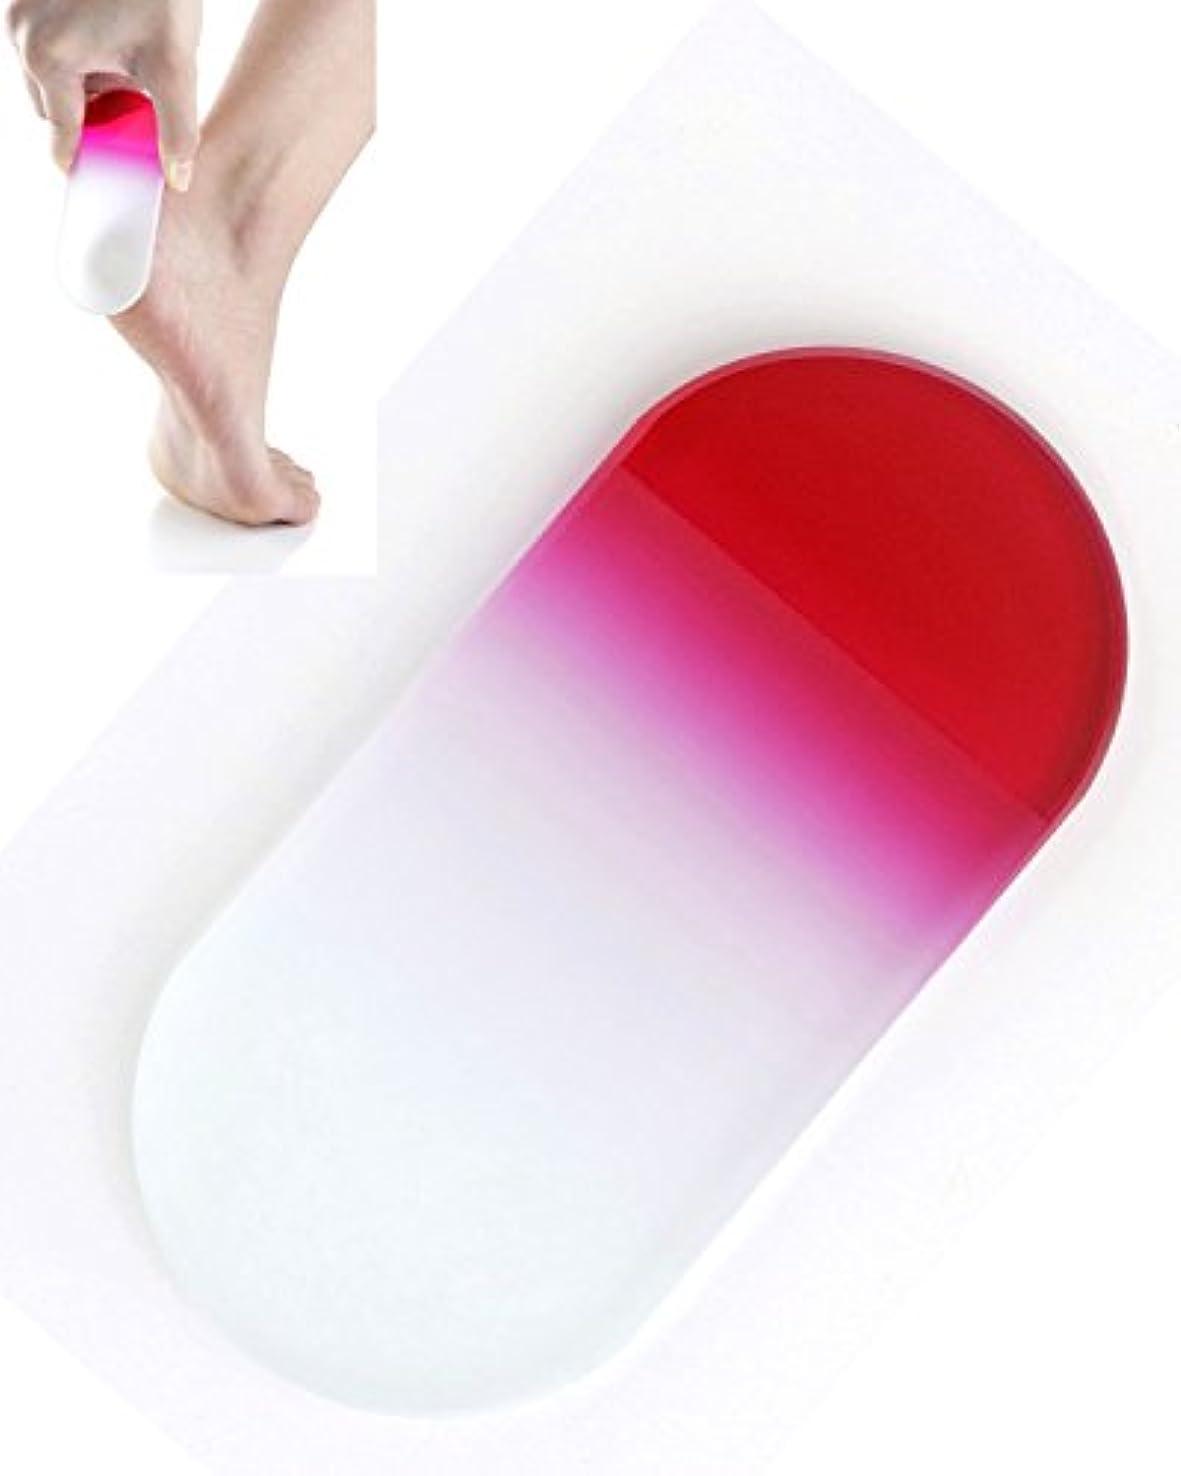 定常便利ナインへBISON チェコ製ガラス かかとキレイ ピンク 荒目/細目両面 専用ケース付 介護用